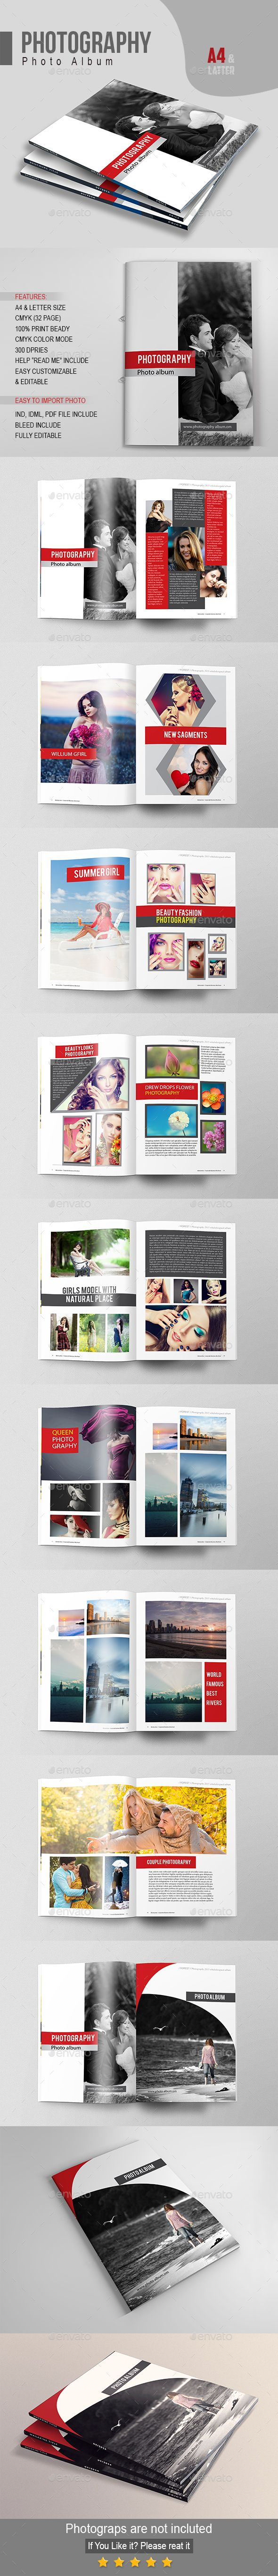 Photography Photo Album